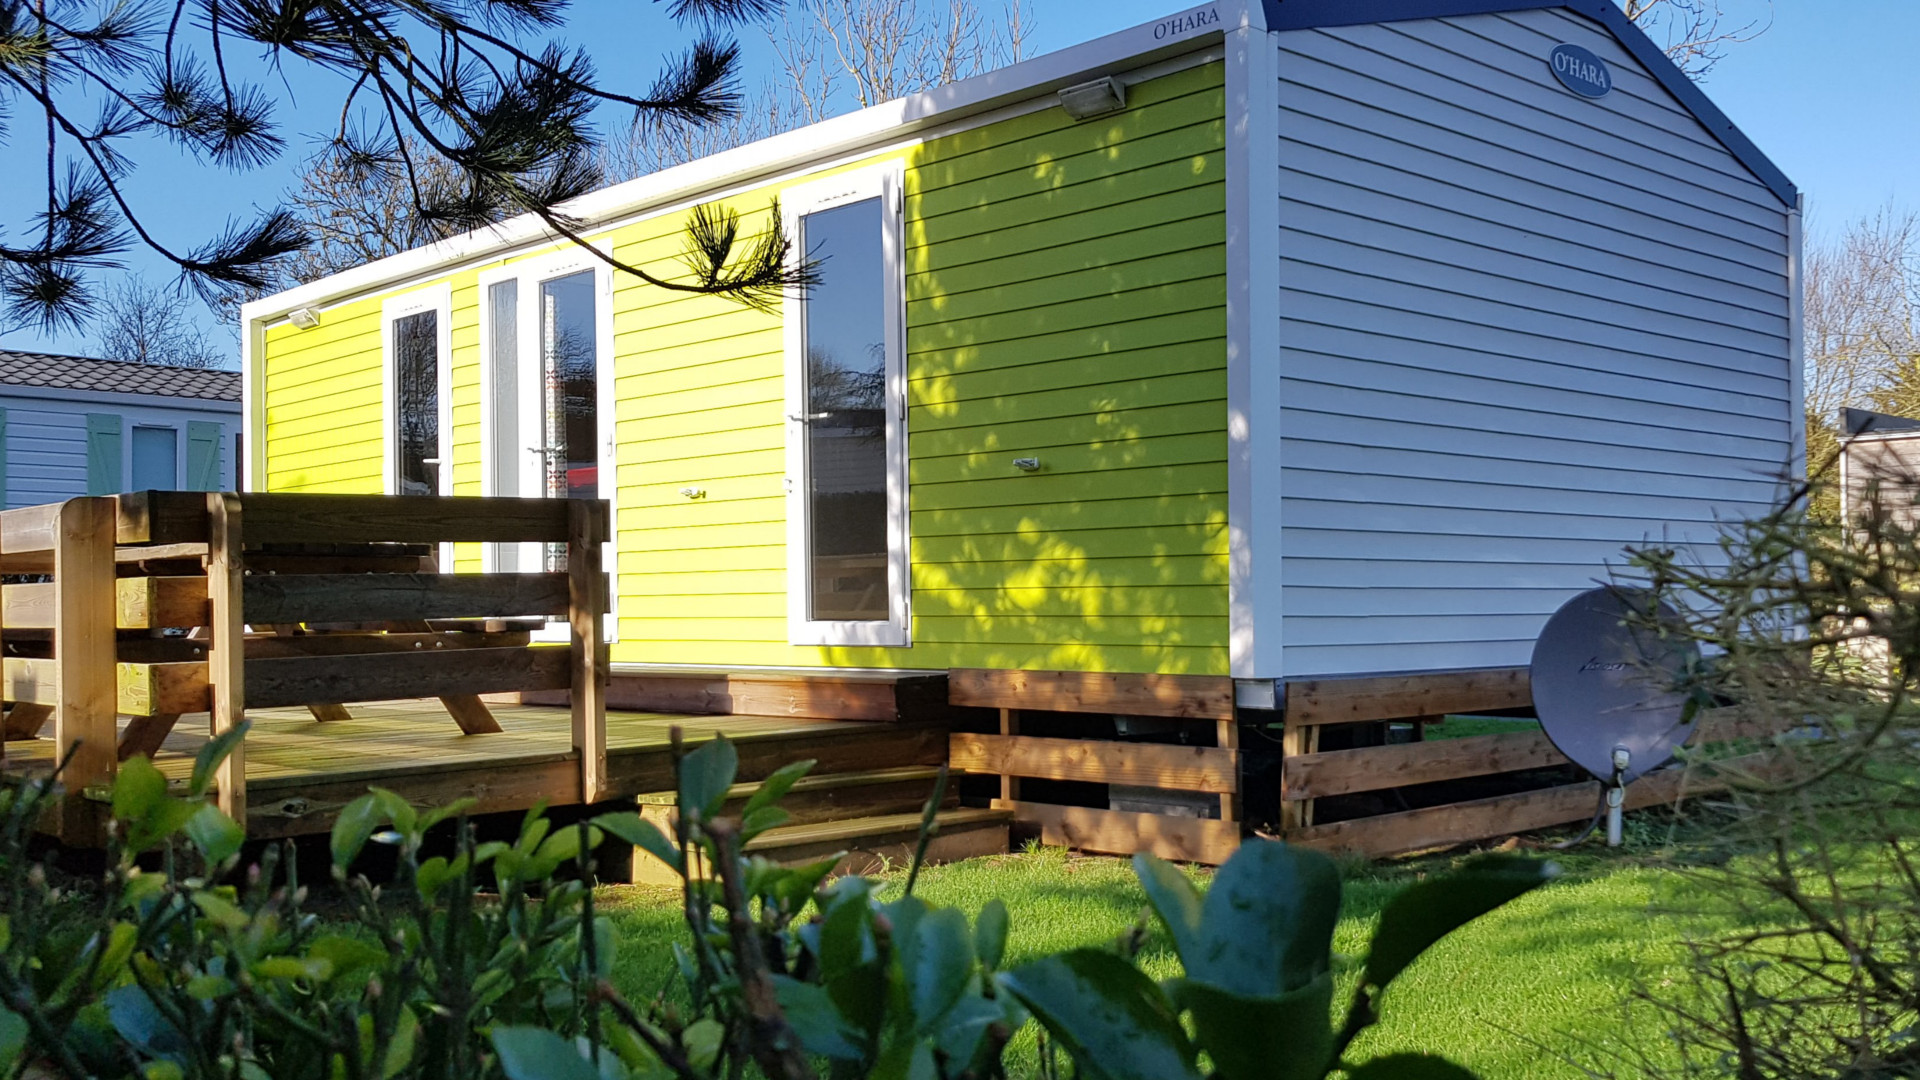 Cottage Gold vue extérieur avec grand jardin